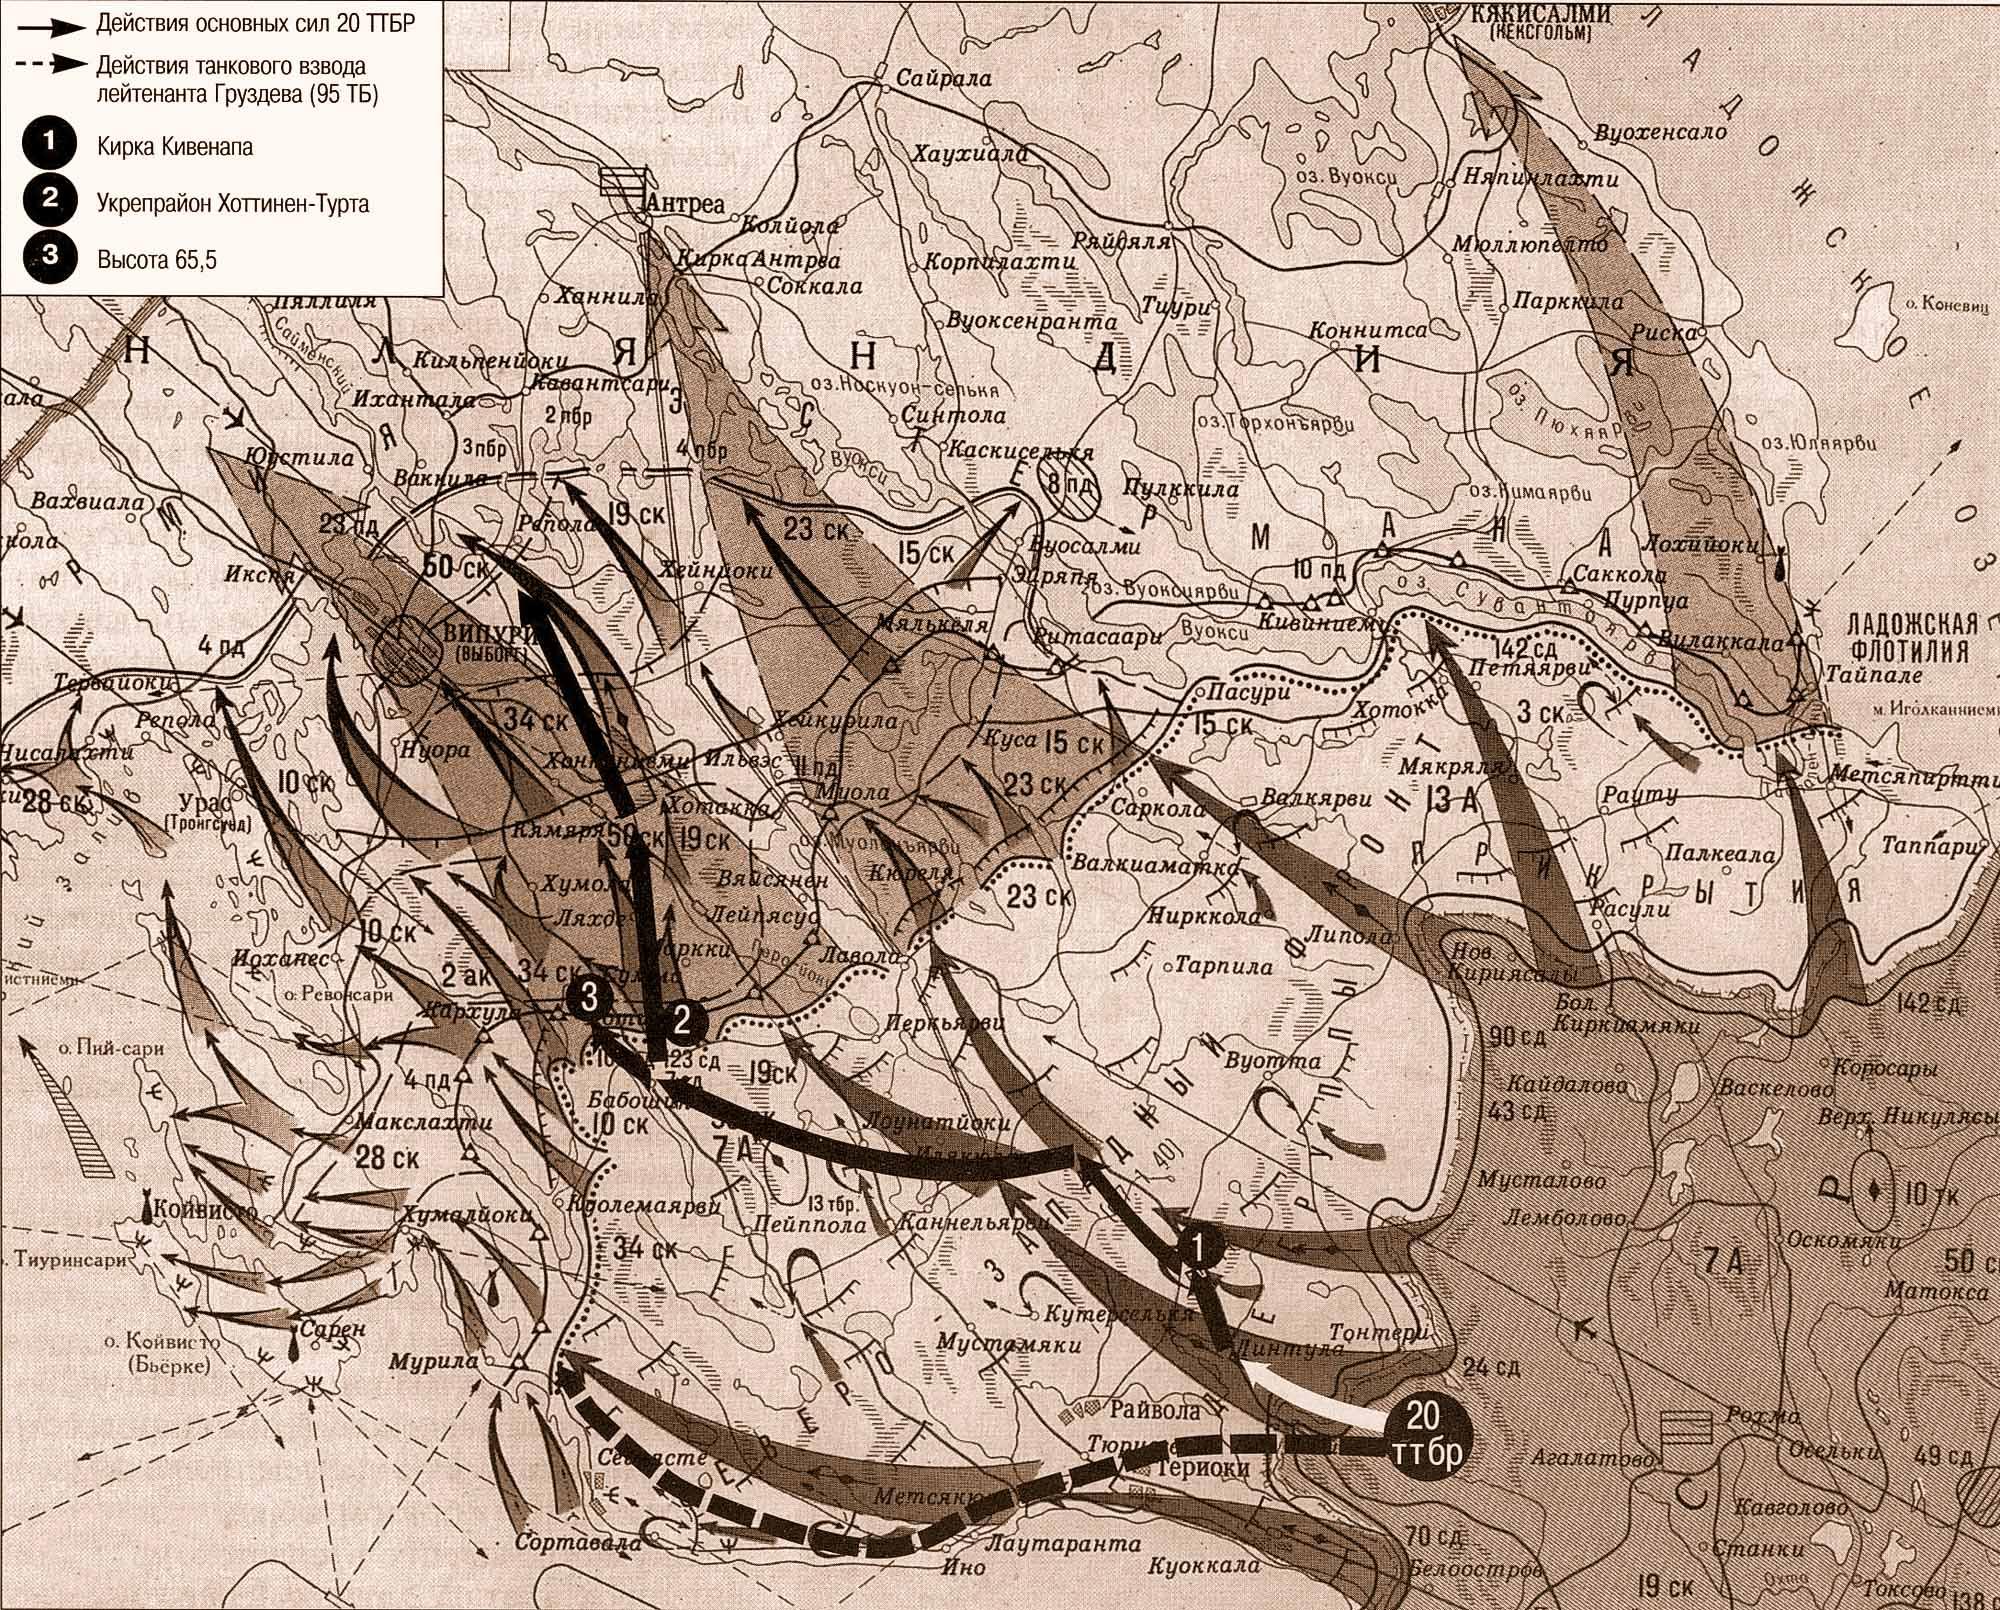 Схема боевых действий 20 ТТБР на карельском перешейке